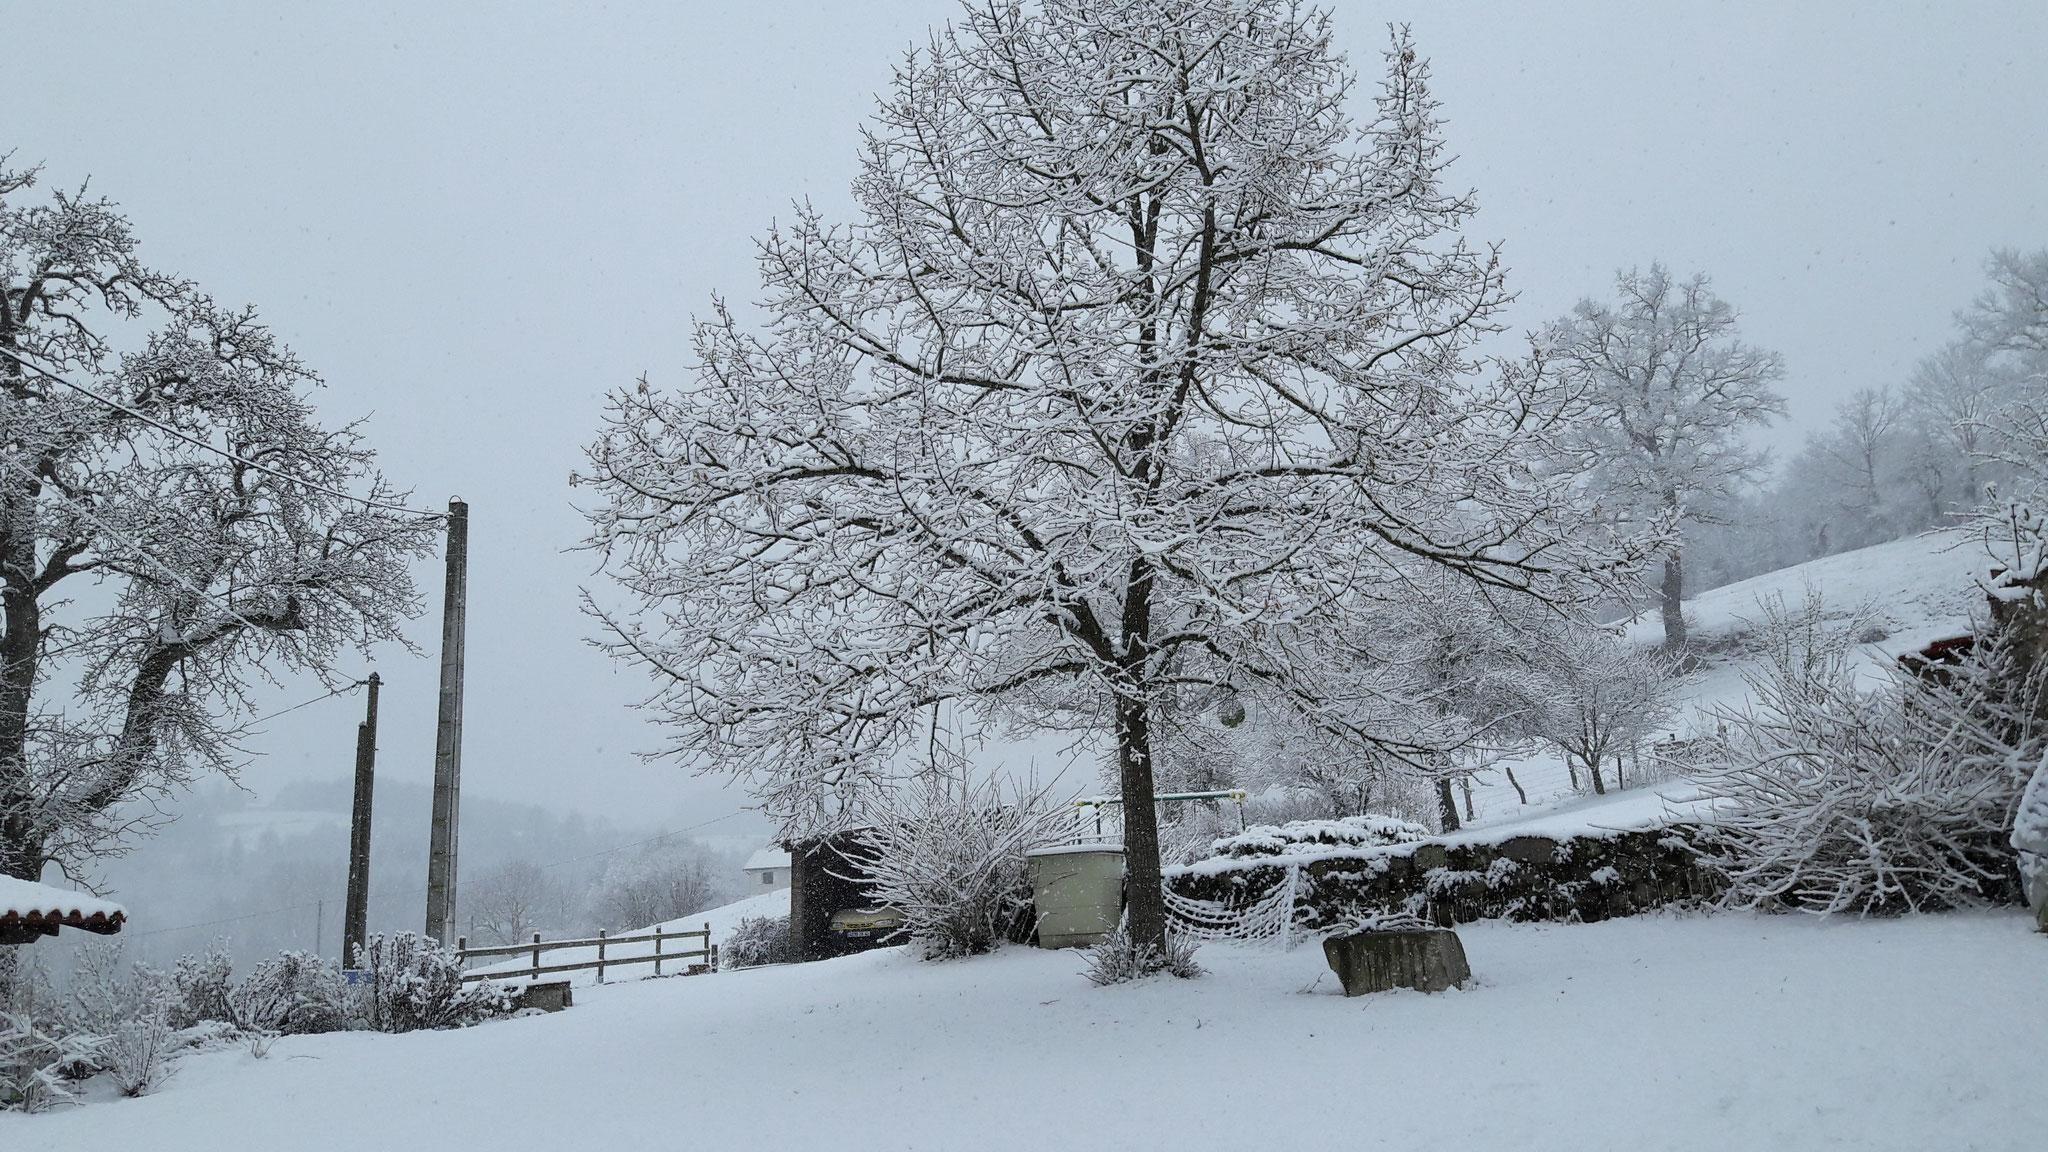 l hiver à saint Martin quand il y a de la neige!